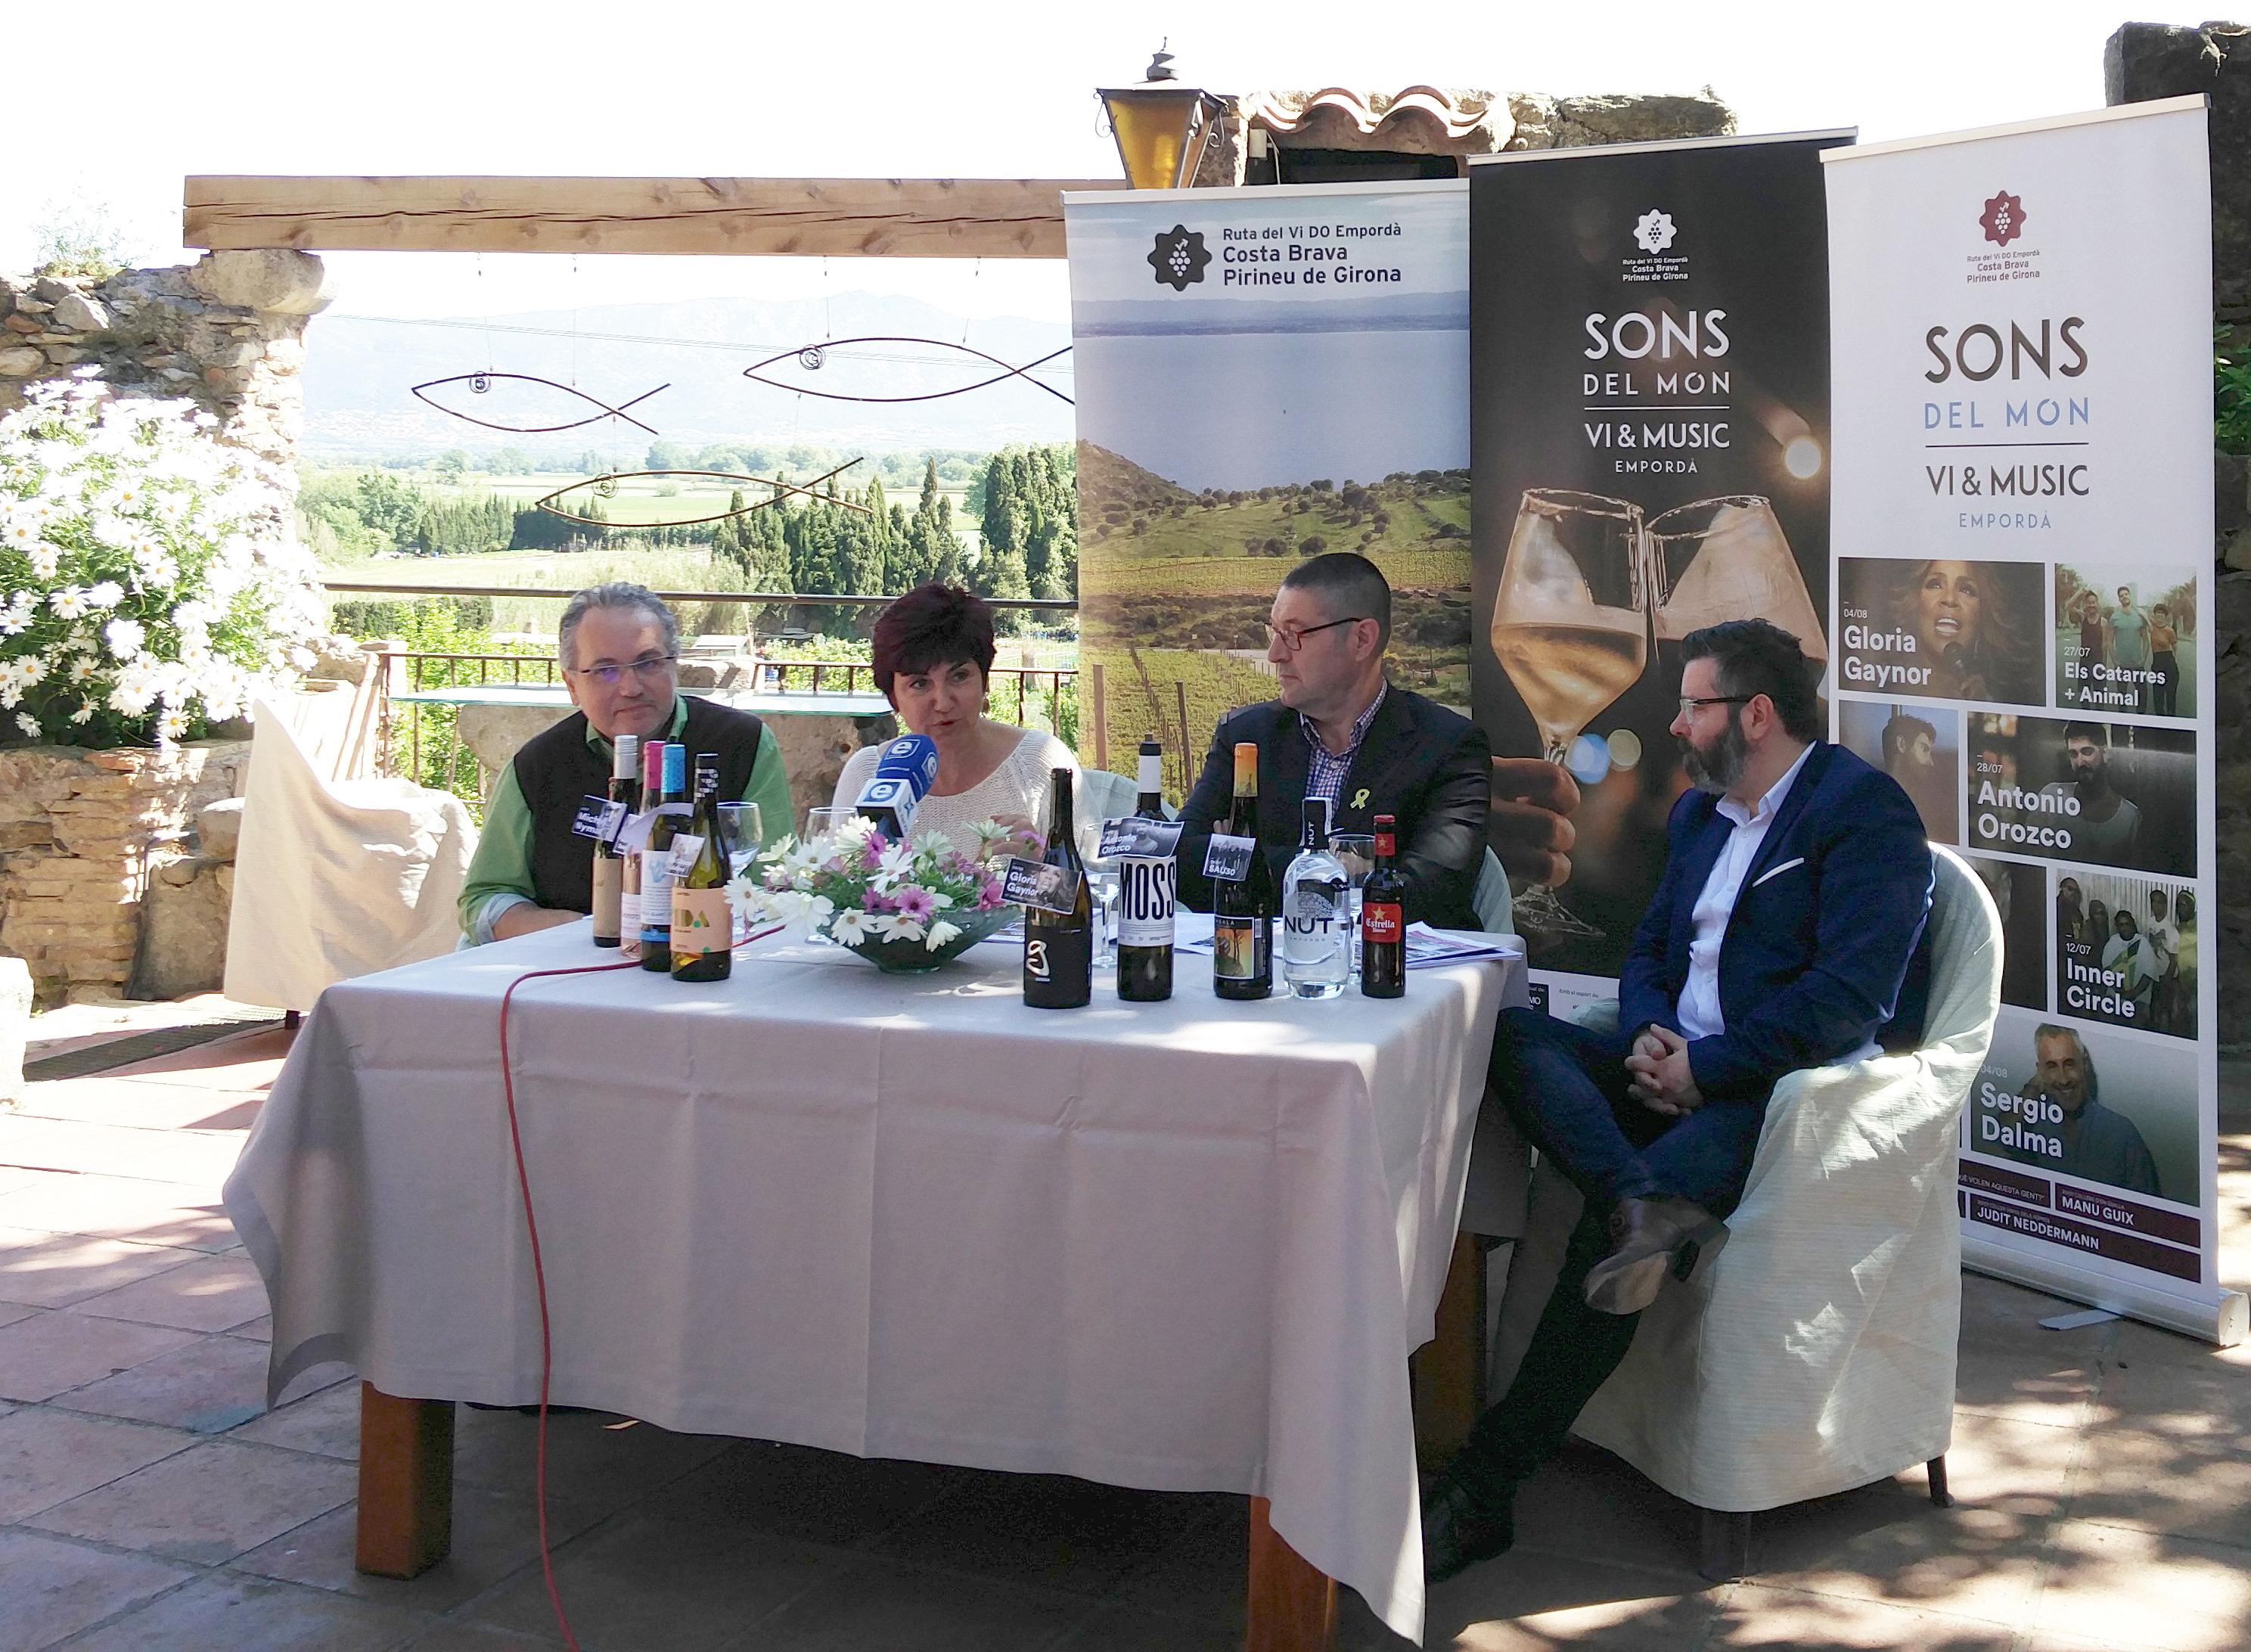 Sons del Món porta Gloria Gaynor, Antonio Orozco, Sergio Dalma i Catarres a la Ciutadella de Roses